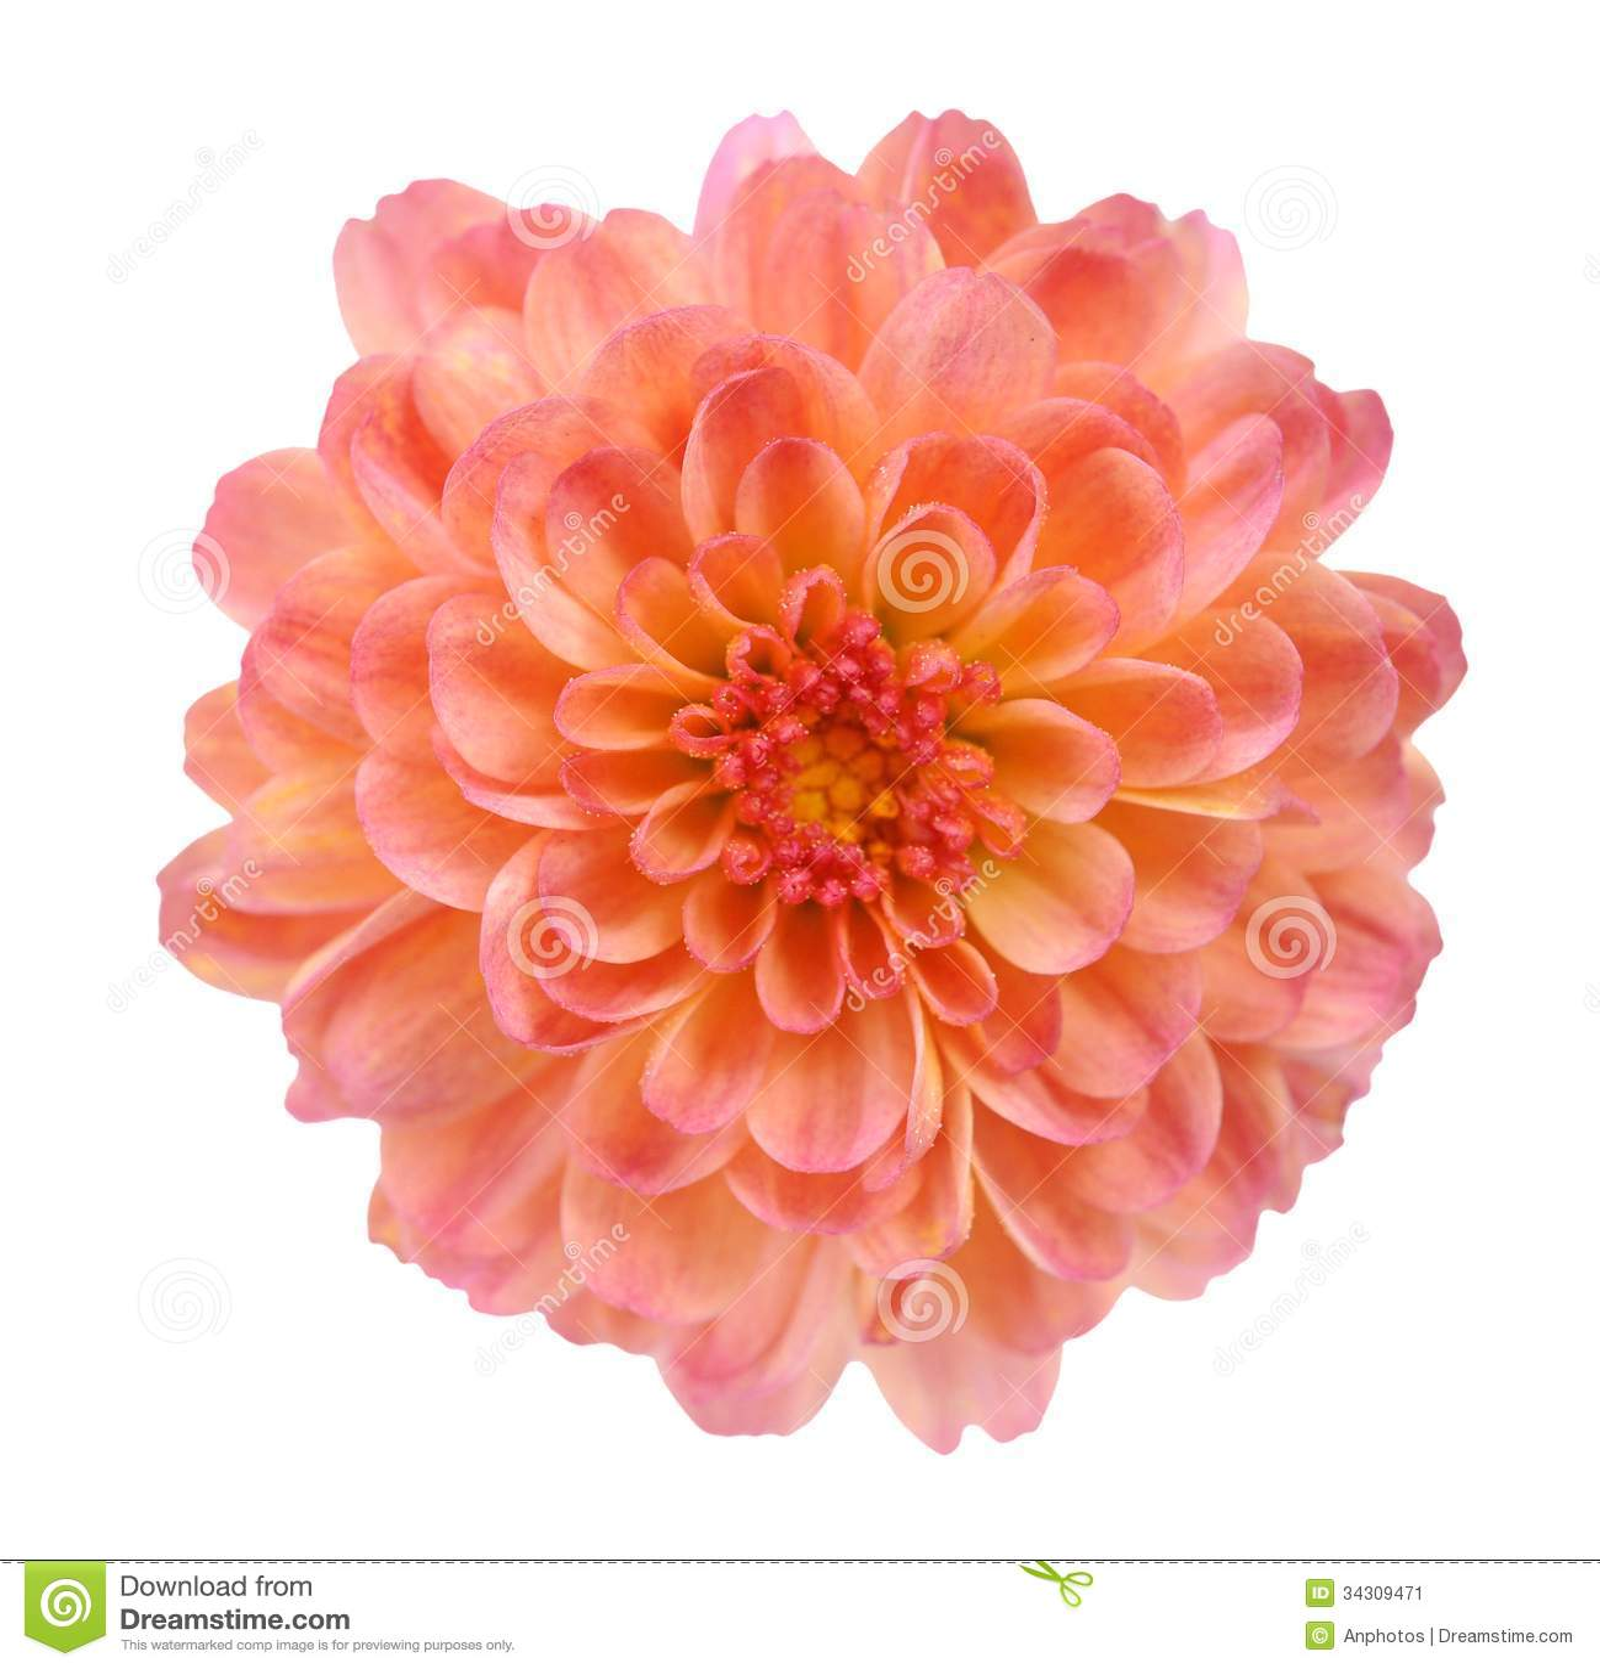 Orange mum flower stock image Image of orange flower